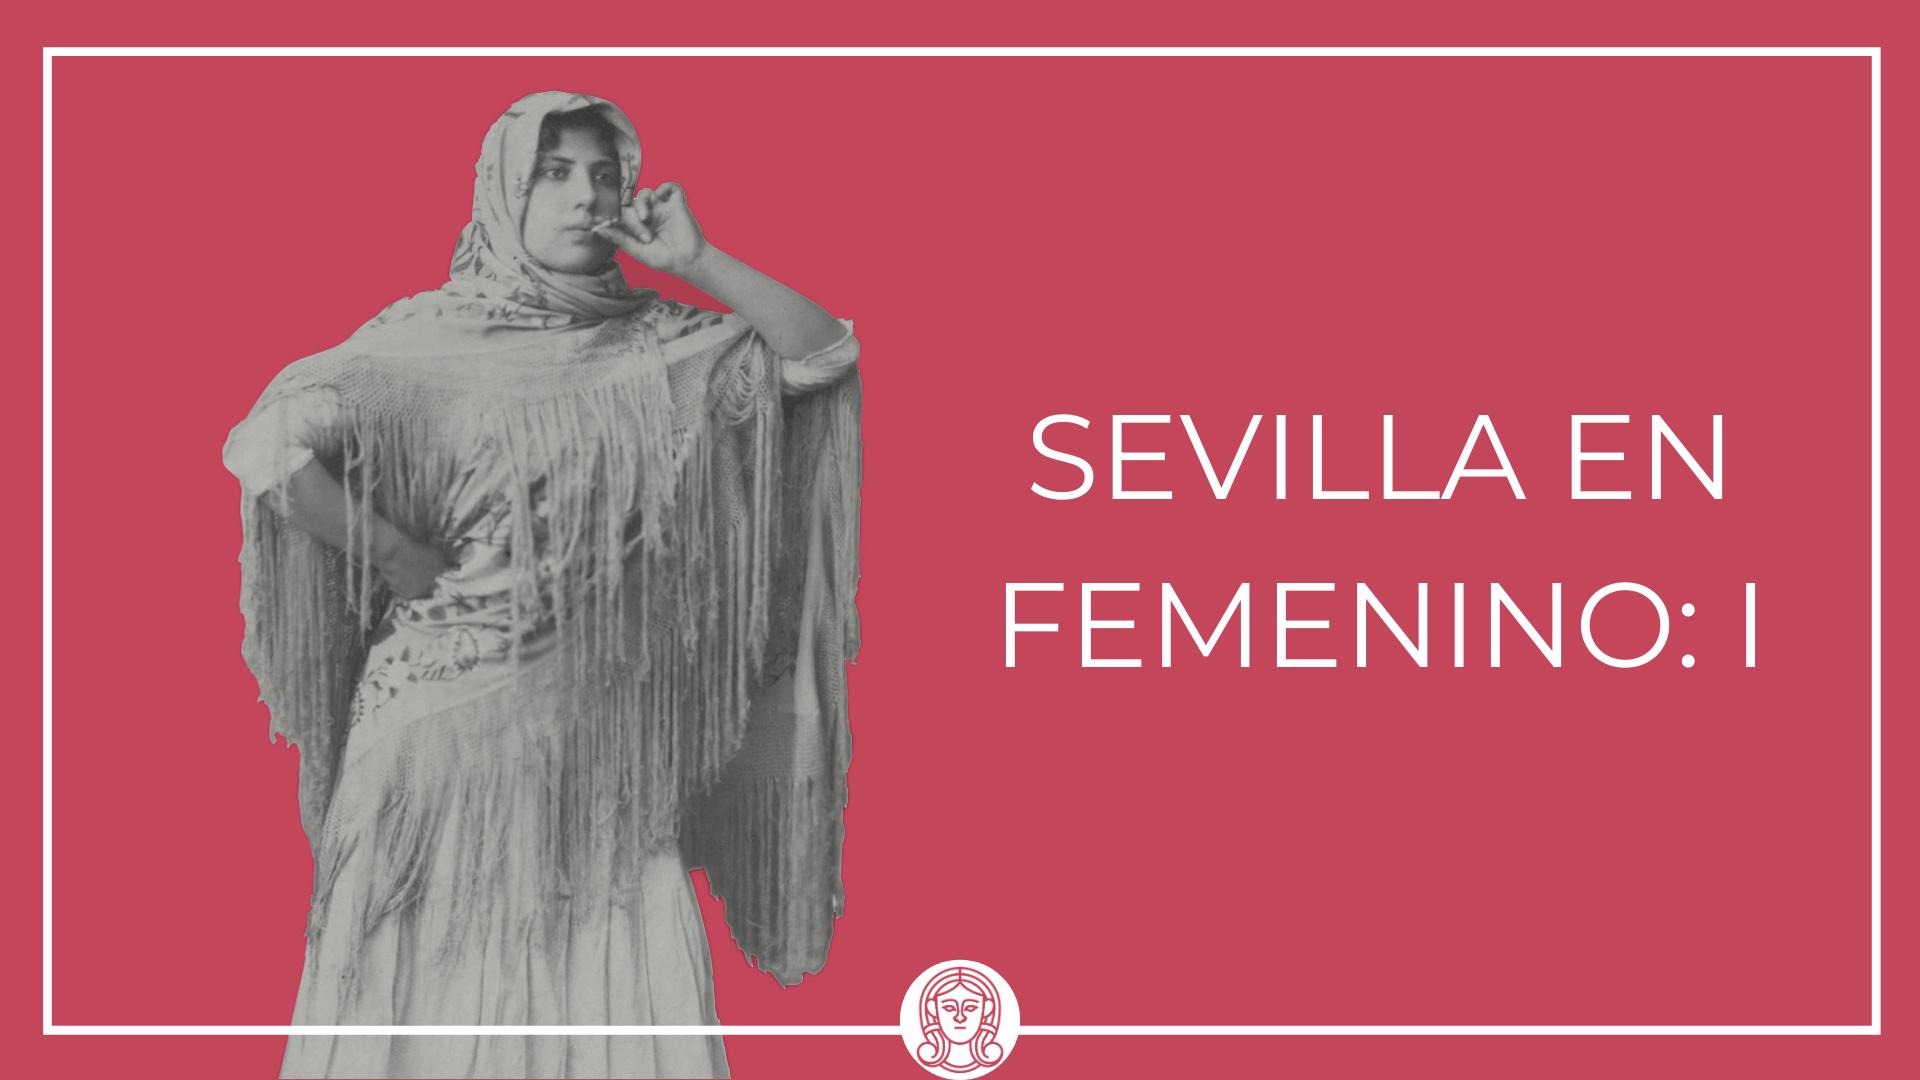 Sevilla en femenino I